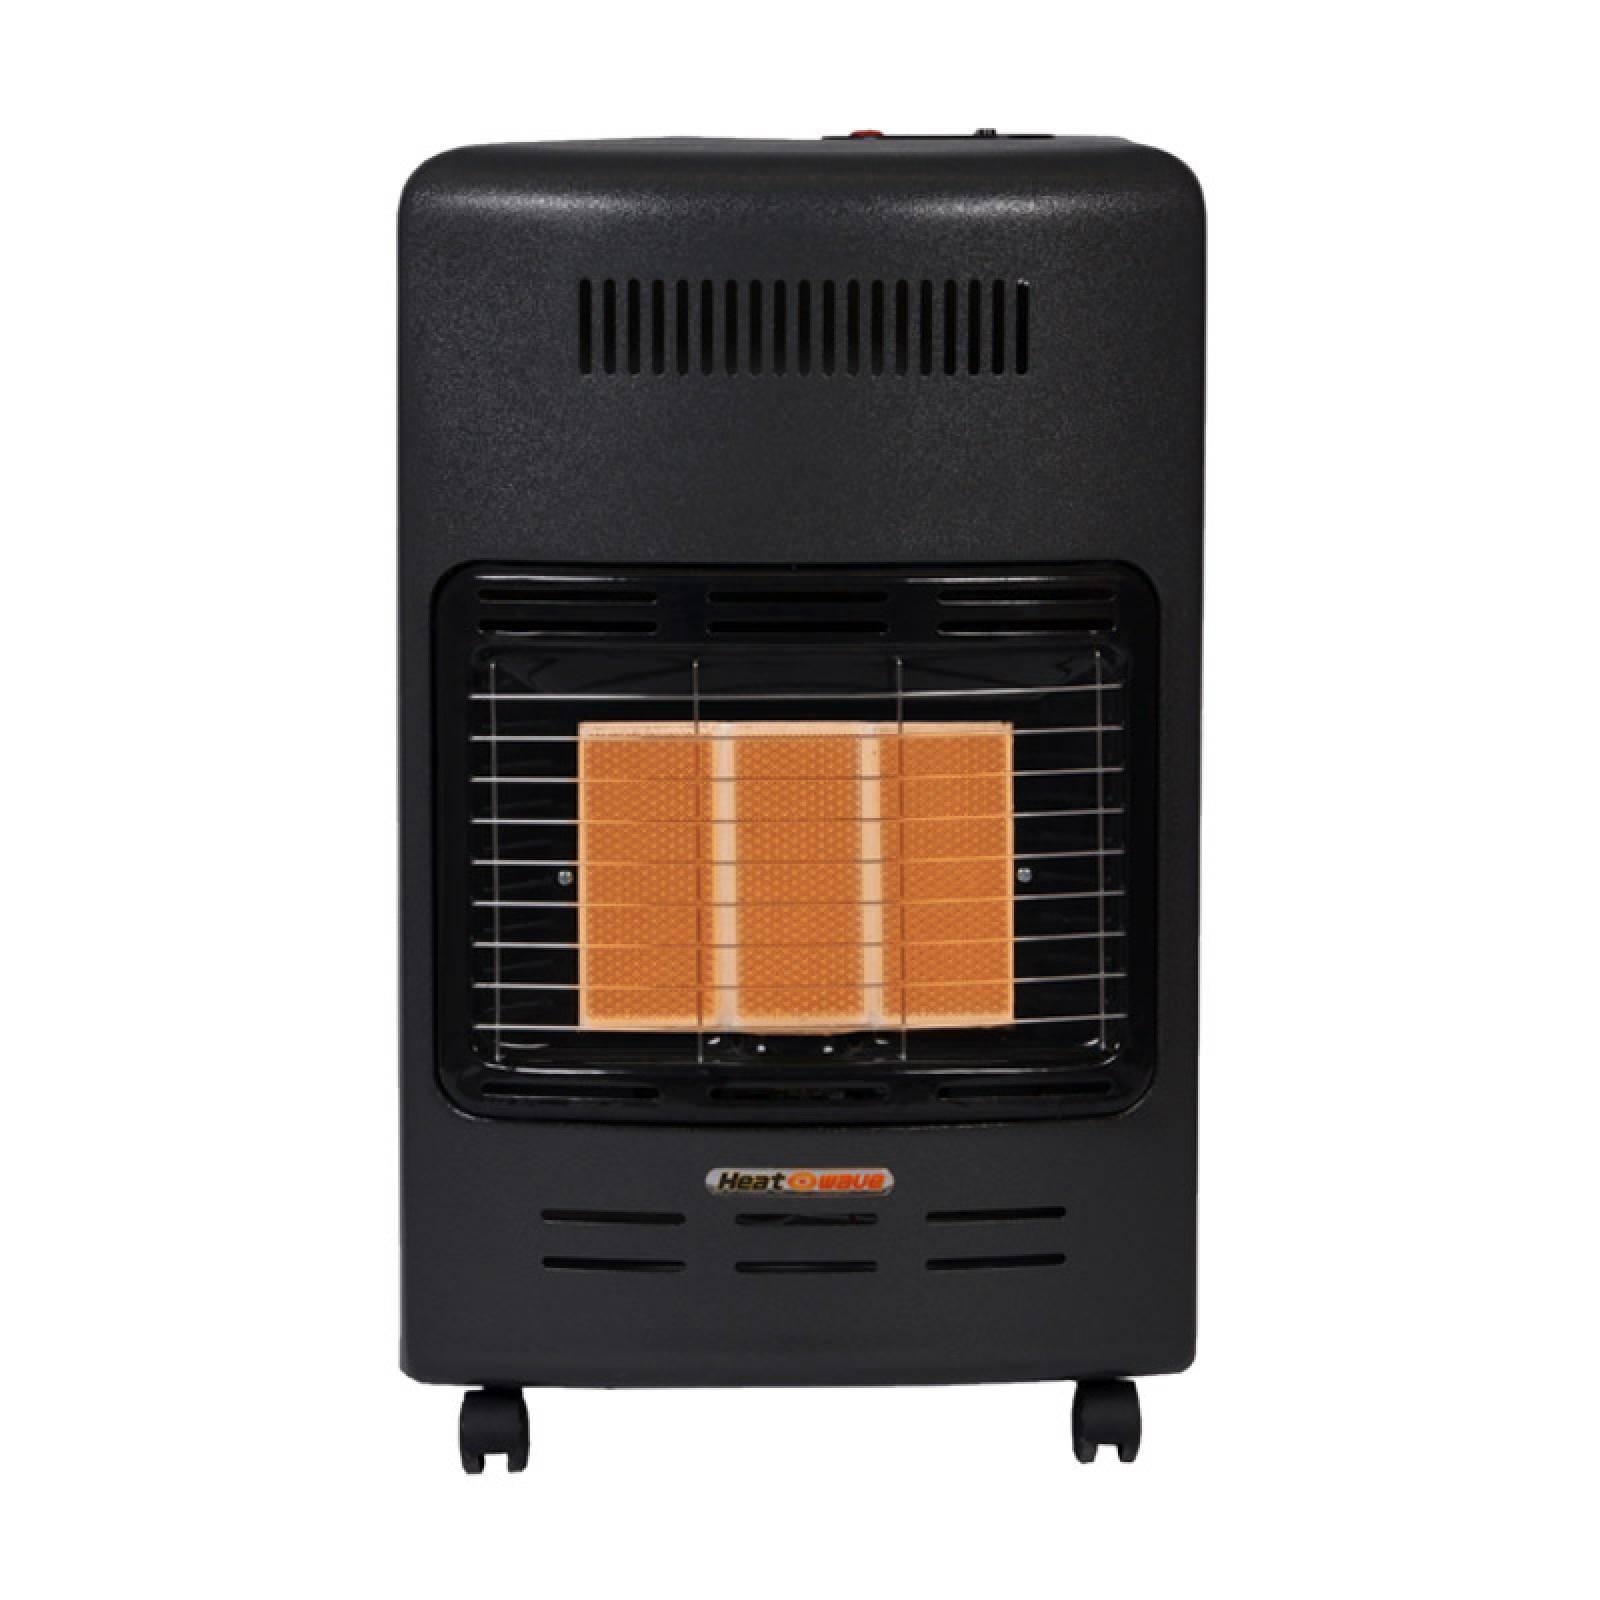 Calefactor Gas LP 3 Radiantes Turbo Gris HG3M-T Heat Wave